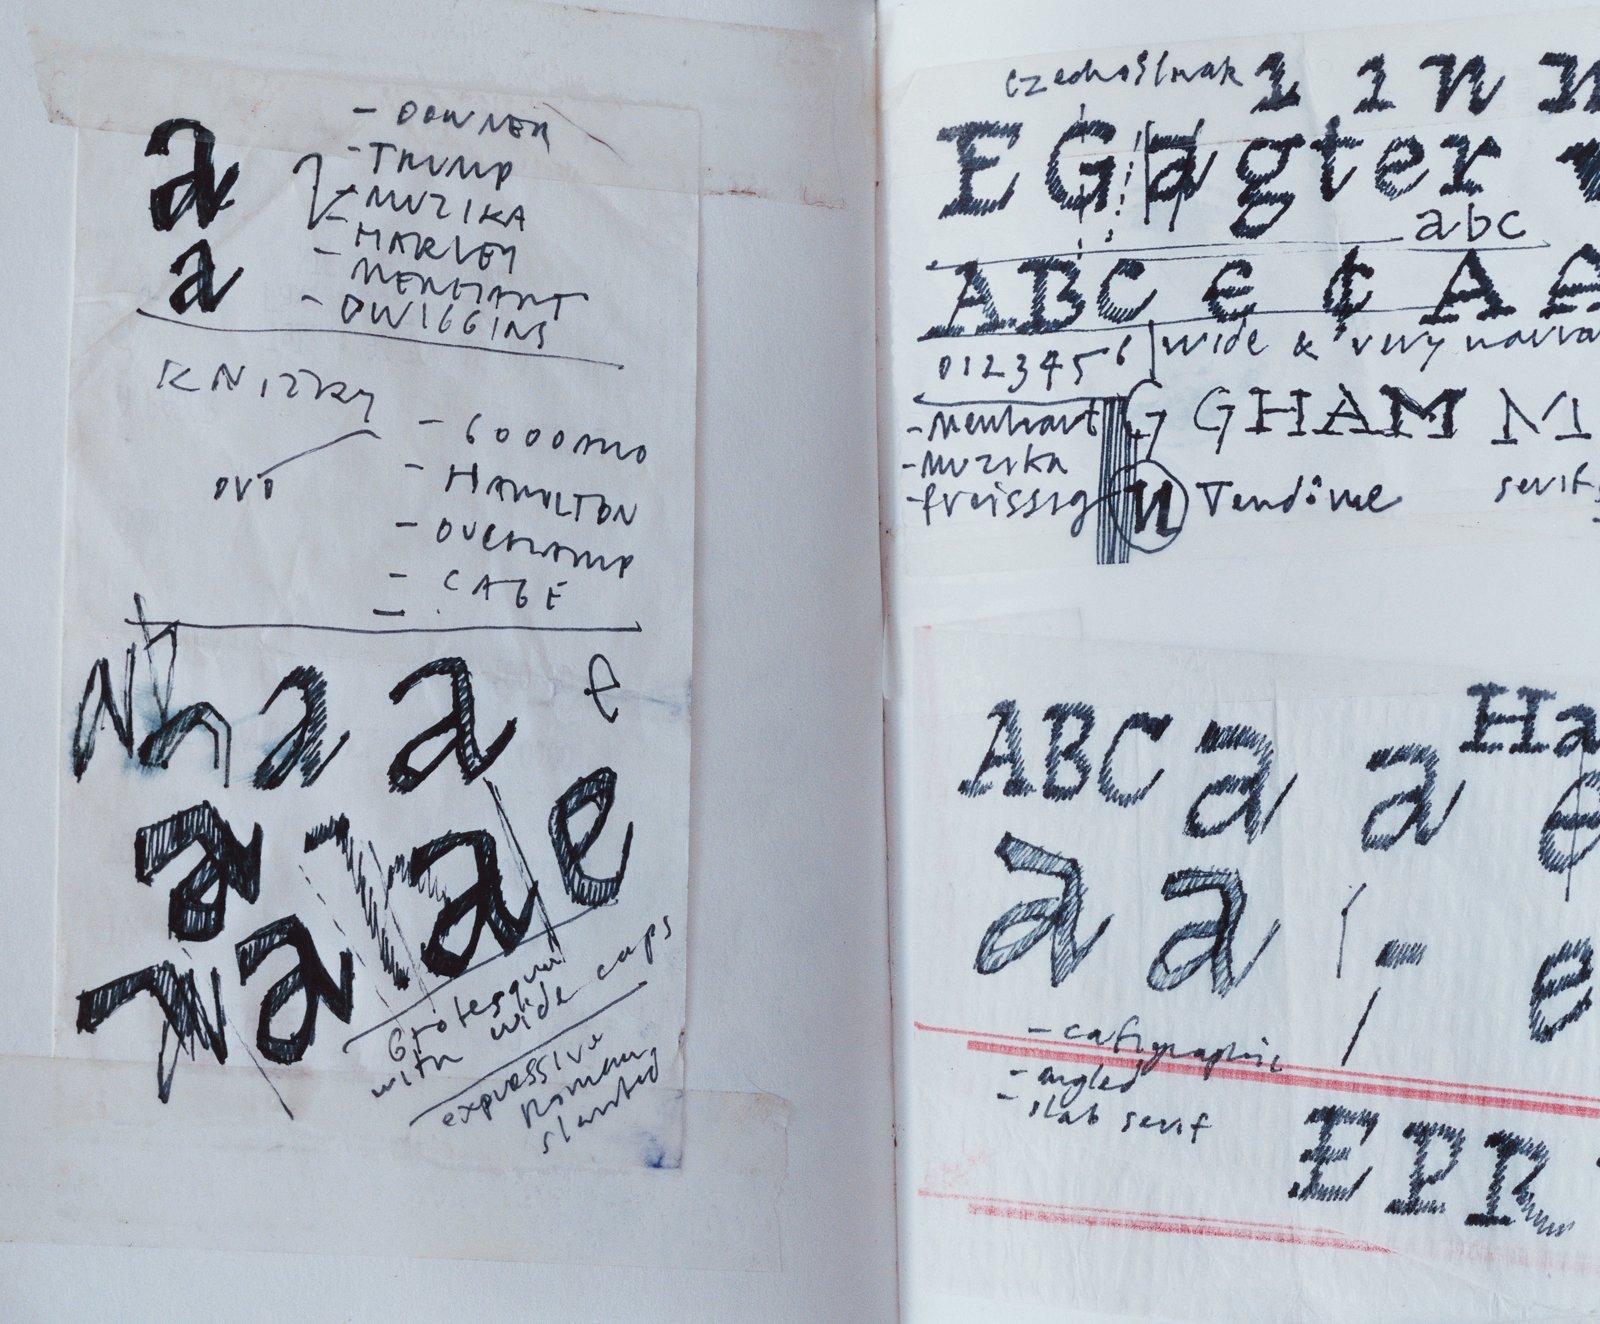 Photo 12 of 18 in Typographer Focus: Peter Biľak